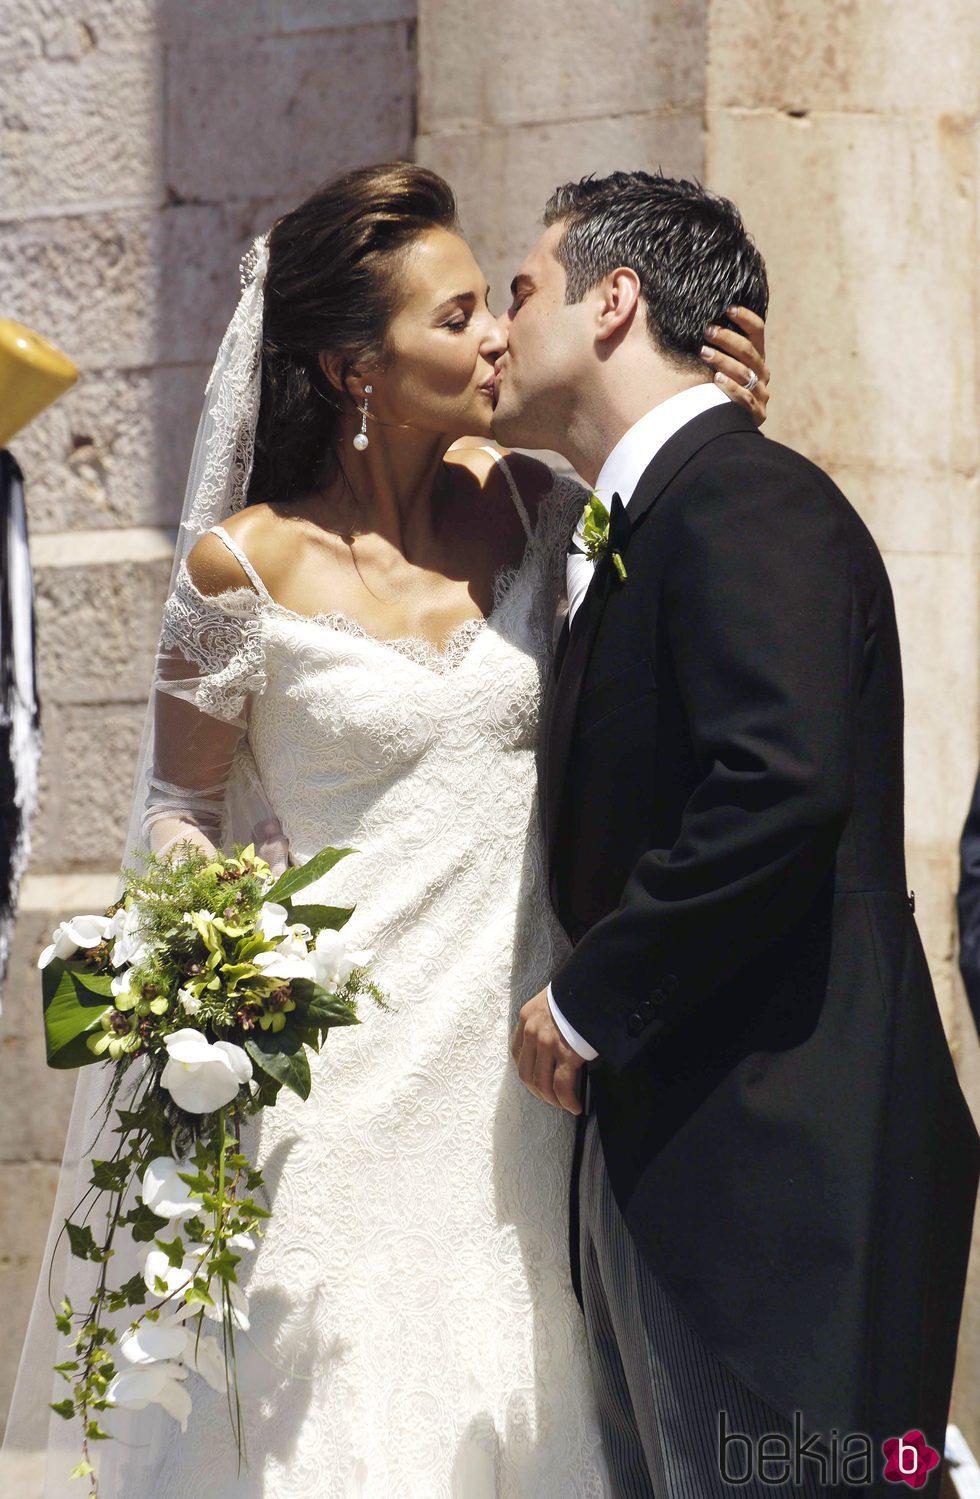 Paula Echevarría y David Bustamante besándose en su boda